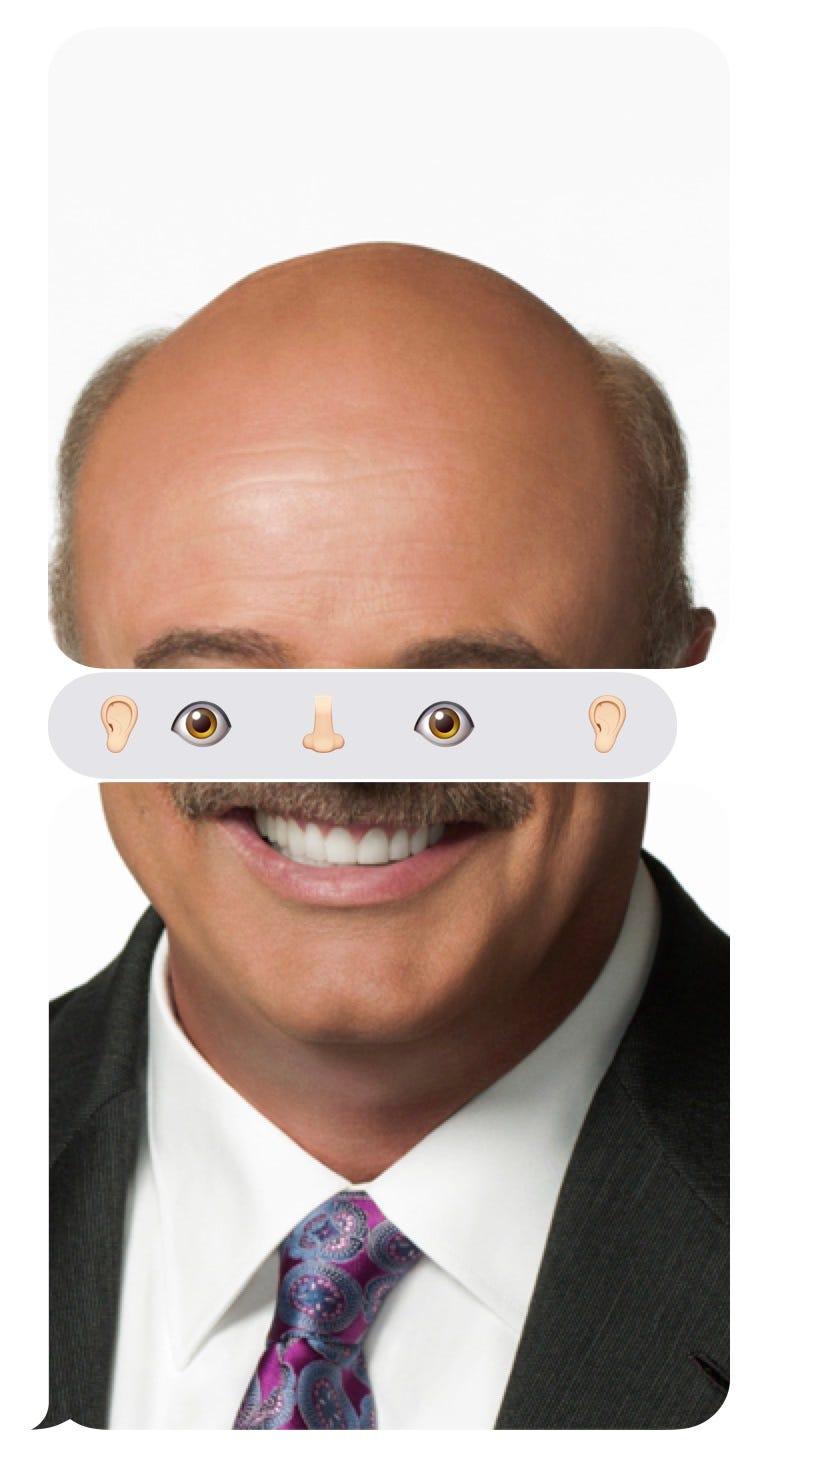 I love Dr. Phil : memes